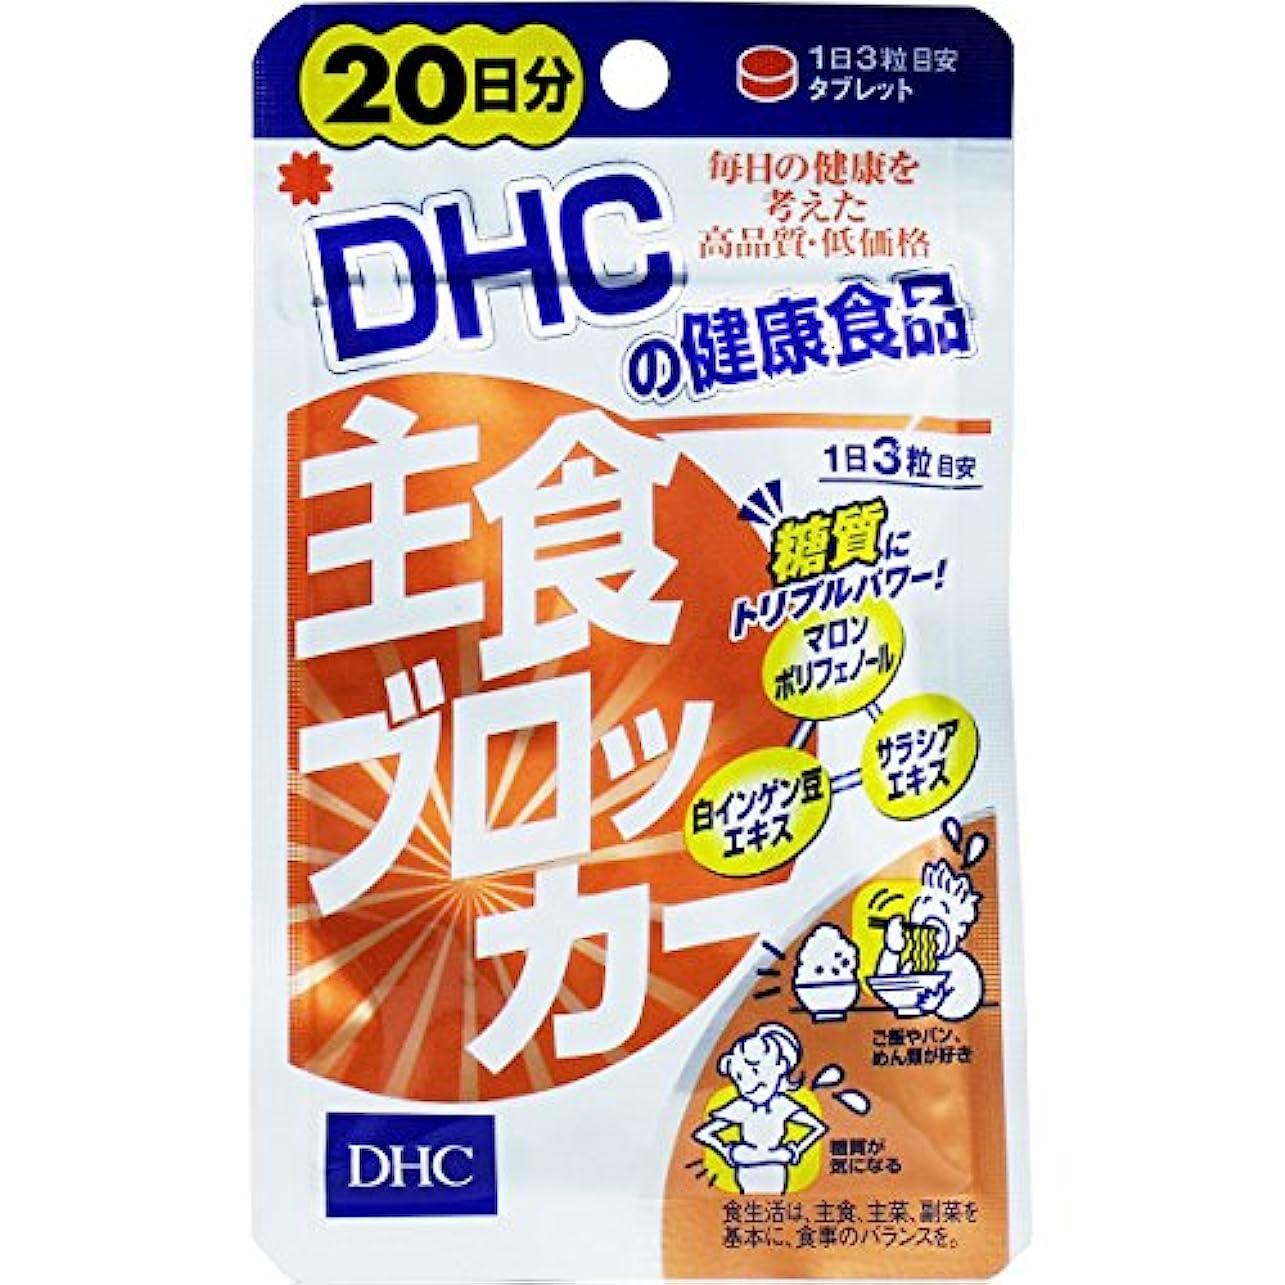 立ち寄る想像力豊かなおばあさんお得な6個セット 炭水化物が好きな方へオススメ DHC 主食ブロッカー 20日分(60粒)